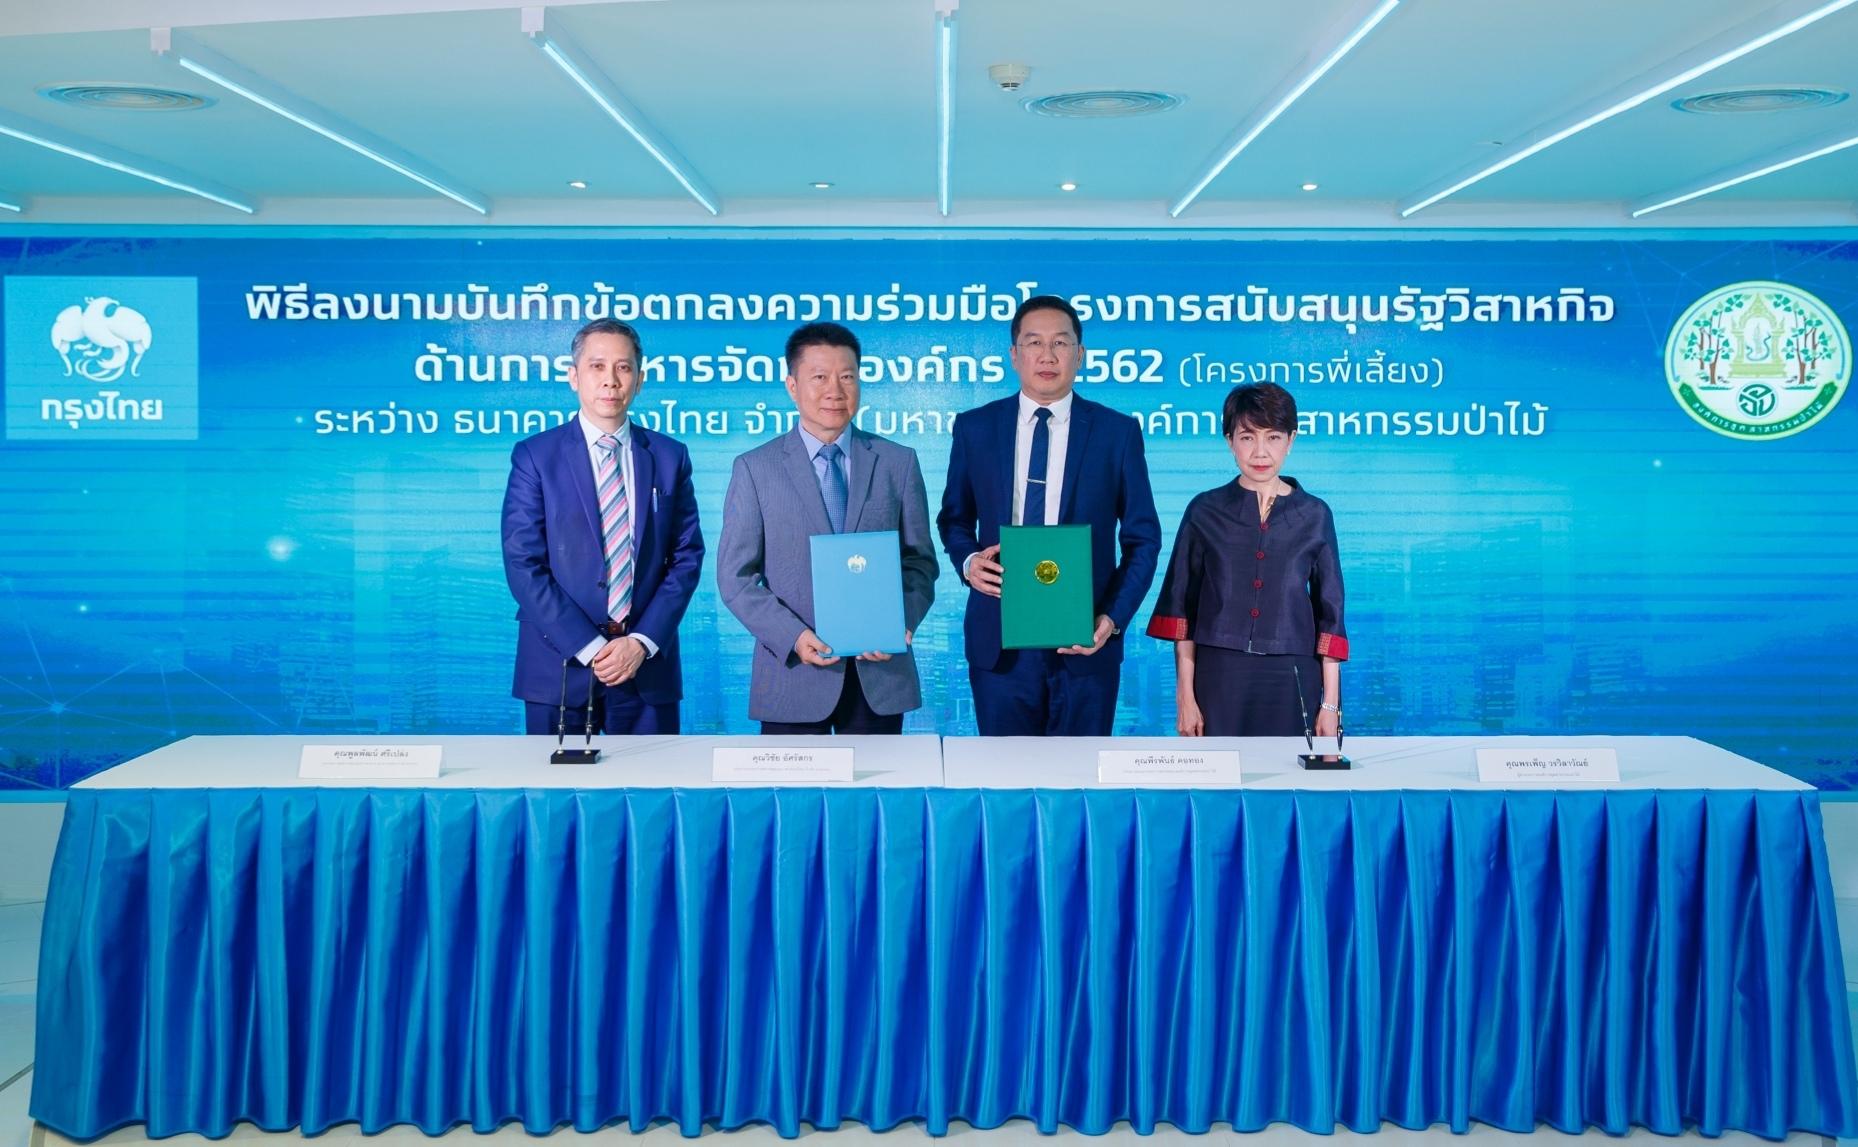 กรุงไทยหนุน อ.อ.ป ก้าวขึ้นสู่องค์กรมาตรฐานรัฐวิสาหกิจ